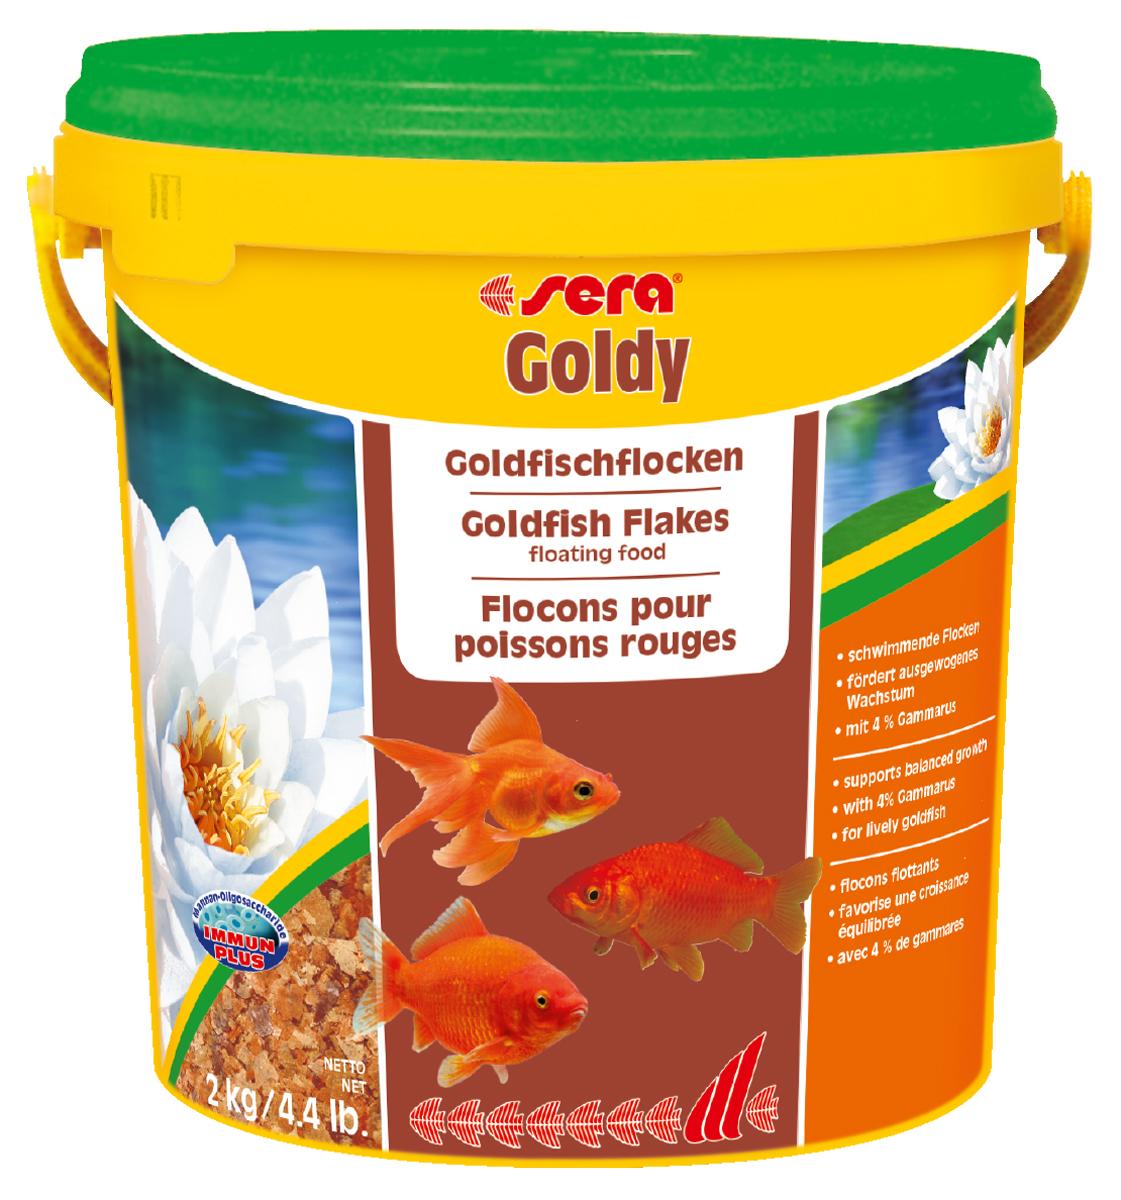 Корм для рыб Sera Goldy, 10 л (2 кг)0120710Корм для рыб Sera Goldy - основной корм в хлопьях для каждодневного кормления всех золотых рыбок в аквариумах и садовых прудах. Золотым рыбкам требуется меньше белков и больше легко перевариваемых углеводов, чем тропическим рыбкам. Корм sera goldy содержит спирулину и муку из пророщенной пшеницы, благодаря чему идеально подходит для кормления холодноводных рыб в аквариумах и прудах. Кормление рыб осенью укрепляет рыб перед спячкой (при зимовке в водоеме). Благодаря тщательно подобранным ингредиентам растительного и животного происхождения, корм является привлекательным для рыб, легко усваивается, способствует их сбалансированному росту и активности. Инструкция по применению: Кормить круглогодично один-два раза в день, но только в том количестве, которое рыбы могут съесть в течение короткого периода времени. Молодые рыбки нуждаются в более частом кормлении (при необходимости можно измельчить хлопья для более полноценного кормления). Ингредиенты: рыбная мука, пшеничная мука, пивные дрожжи, казеинат кальция, гаммарус (4%), маннанолигосахариды (0,4%), зеленые мидии, чеснок, крапива, люцерна, растительное сырье, петрушка, морские водоросли, паприка, спирулина, шпинат, морковь. Аналитический состав: протеин 48,6%, жиры 8,1%, клетчатка 3,9%, влажность 5,0%, зольные вещества 11,1%.Витамины и провитамины: витамин A 30.000 МЕ/кг, витамин D3 1.500 МЕ/кг, витамин E (D, L-а-tocopheryl acetate) 60 мг/кг, витамин B1 30 мг/кг, витамин B2 90 мг/кг, витамин C (L-ascorbyl monophosphate) 550 мг/кг. Содержит пищевые красители, допустимые в ЕС. Товар сертифицирован.